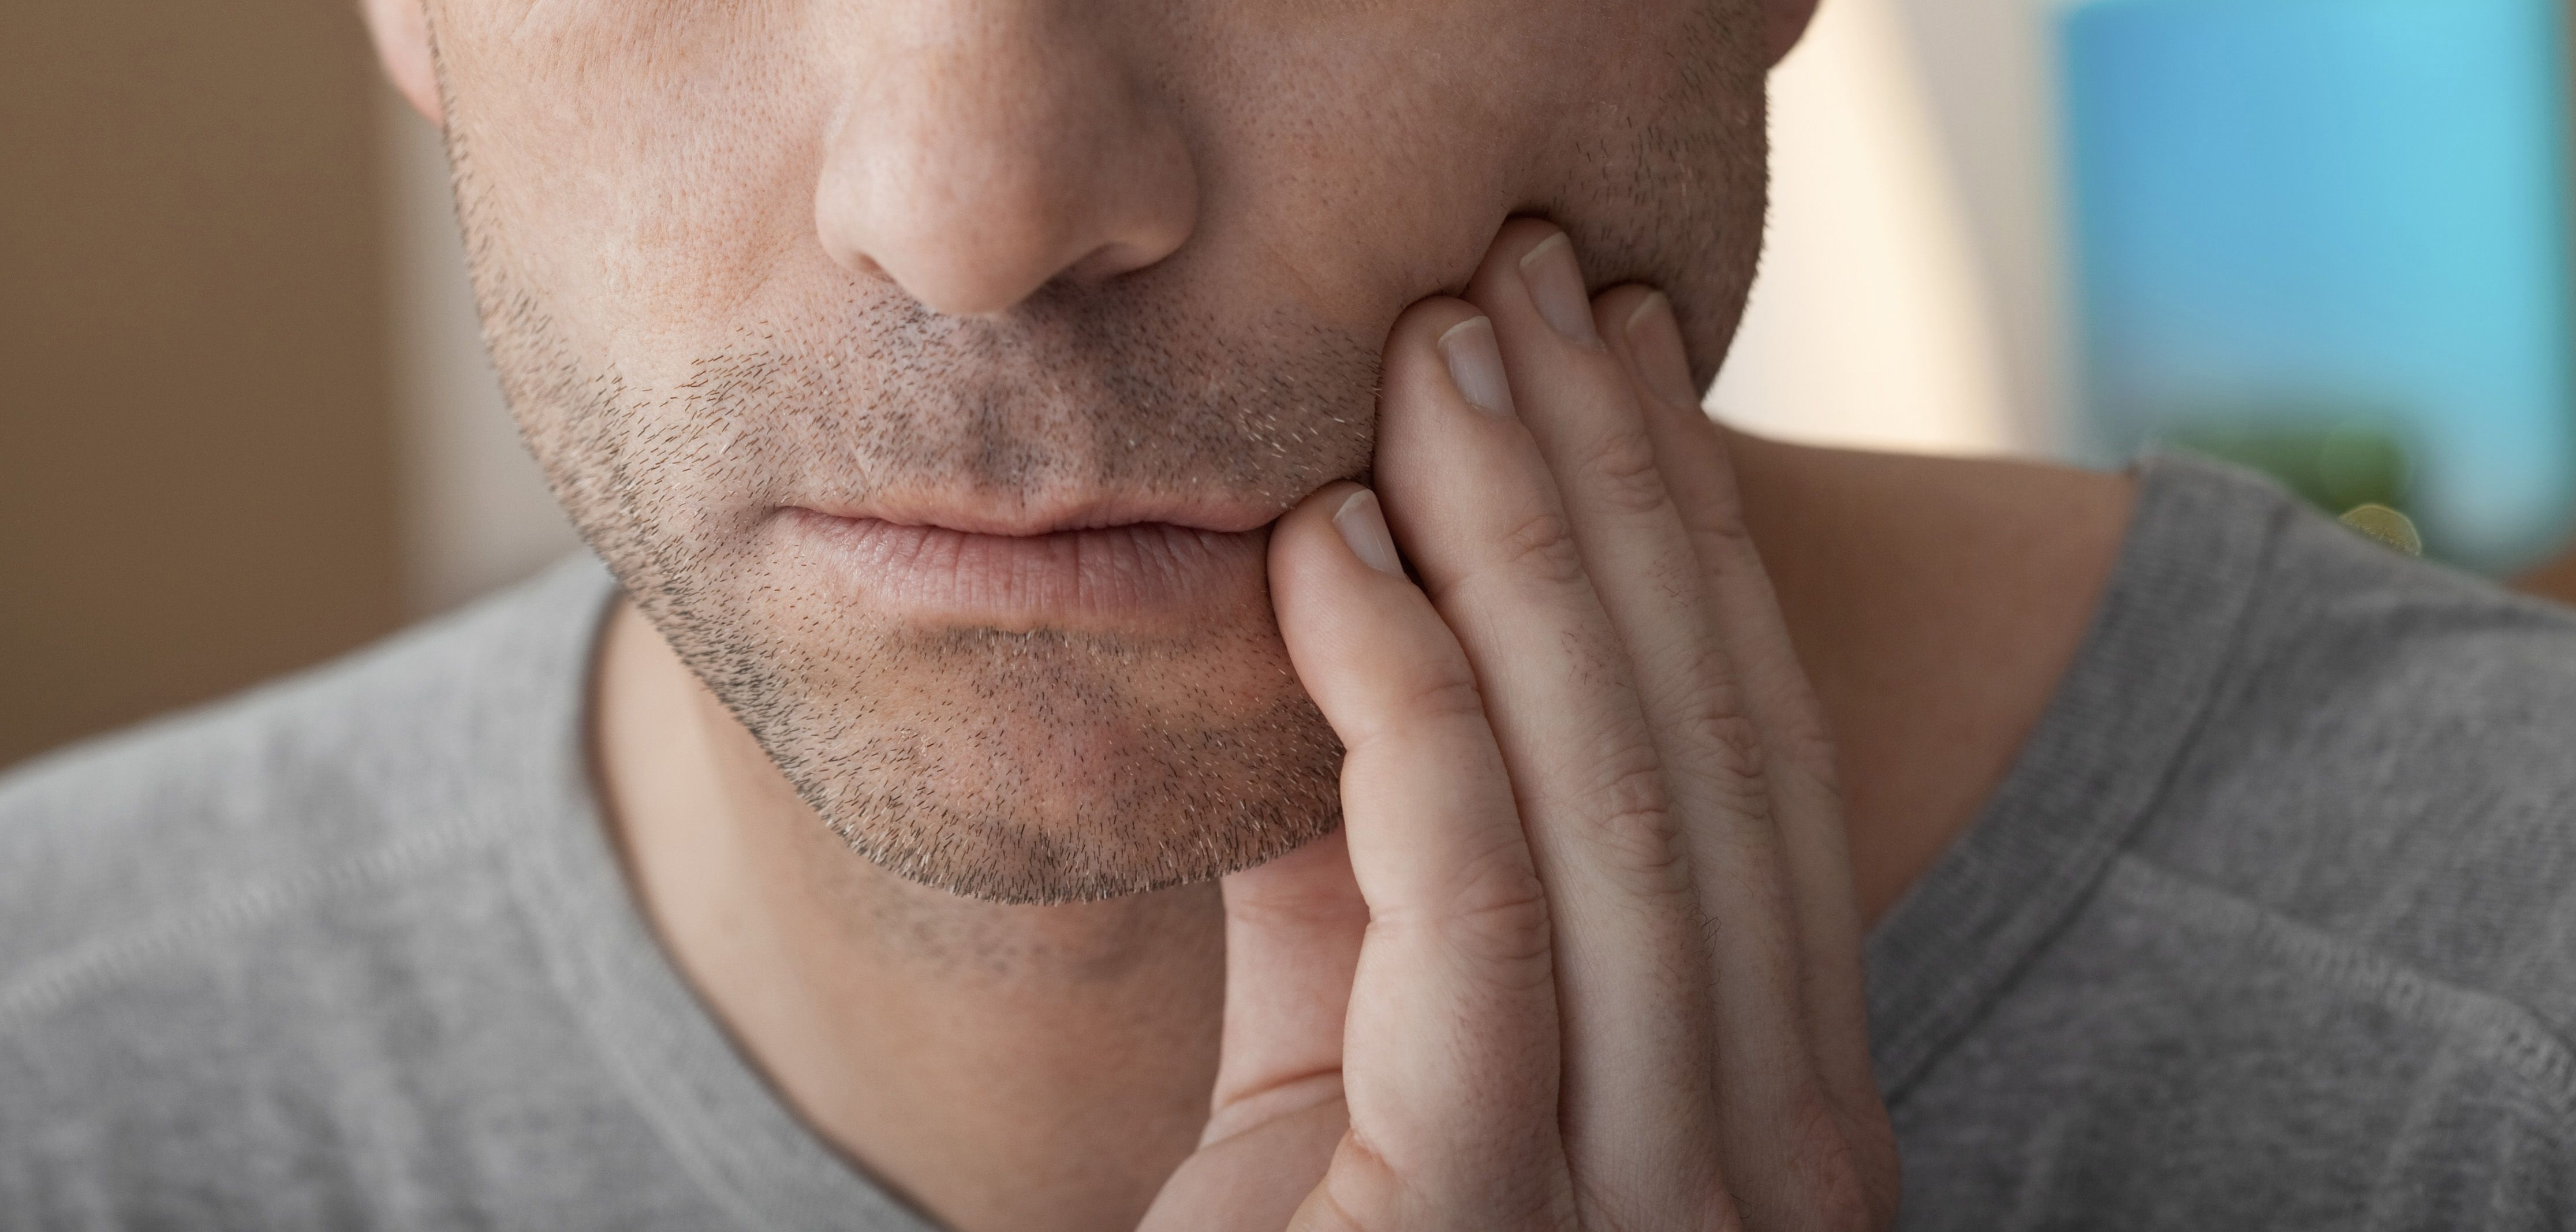 Какие гепатиты передаються через оральный секс